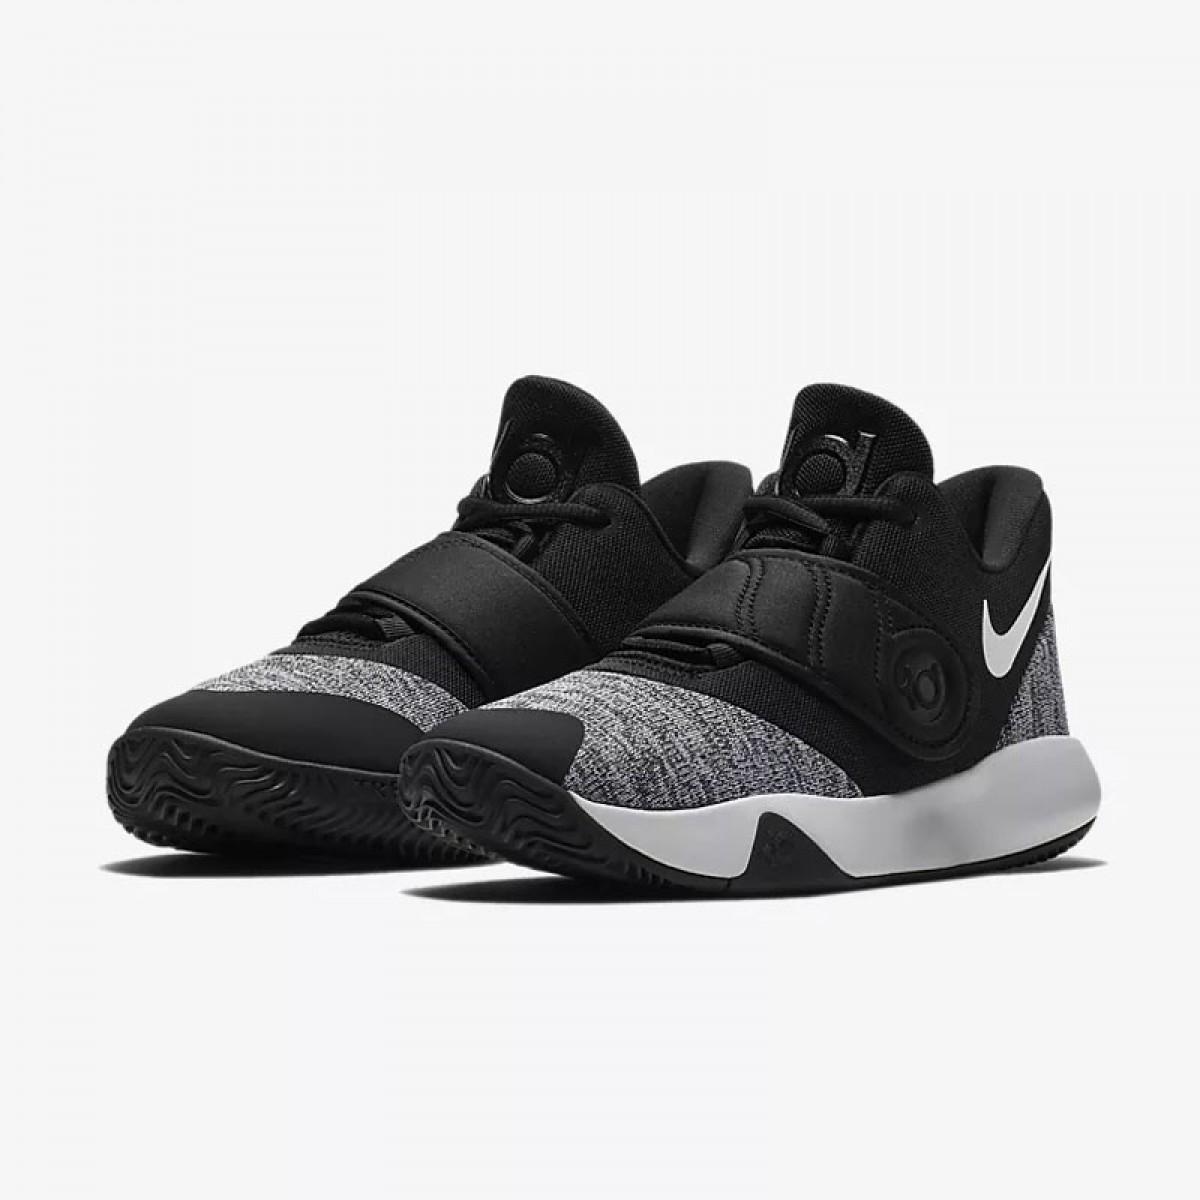 huge discount 2bf63 40bd4 Nike KD Trey 5 VI GS  Black  AH7172-001